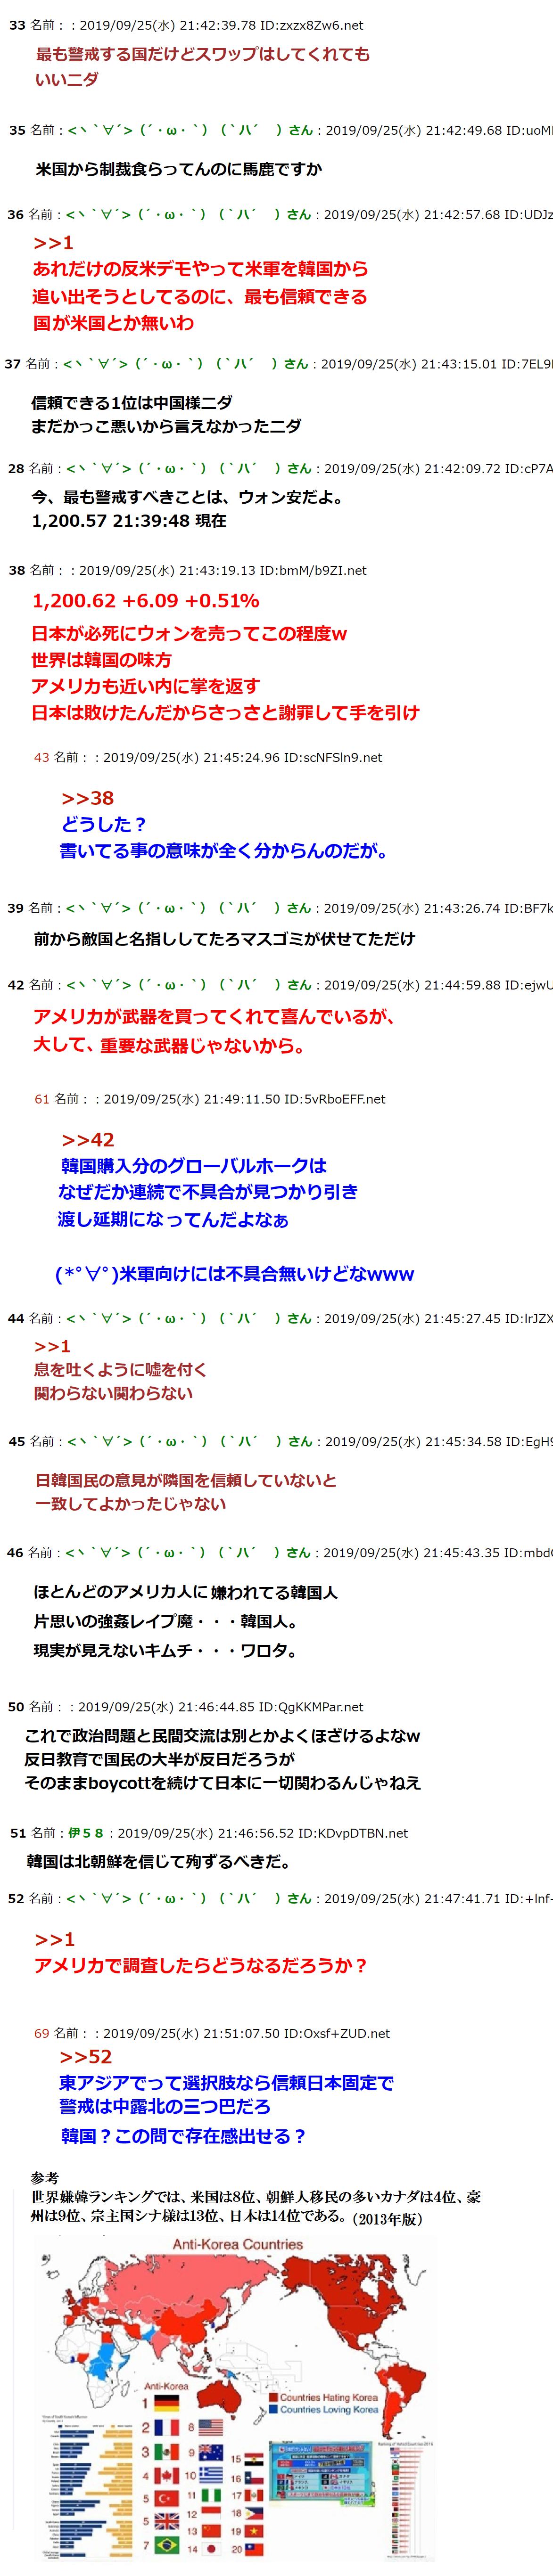 下朝鮮調査結果「米国一番、日本サイテー」2